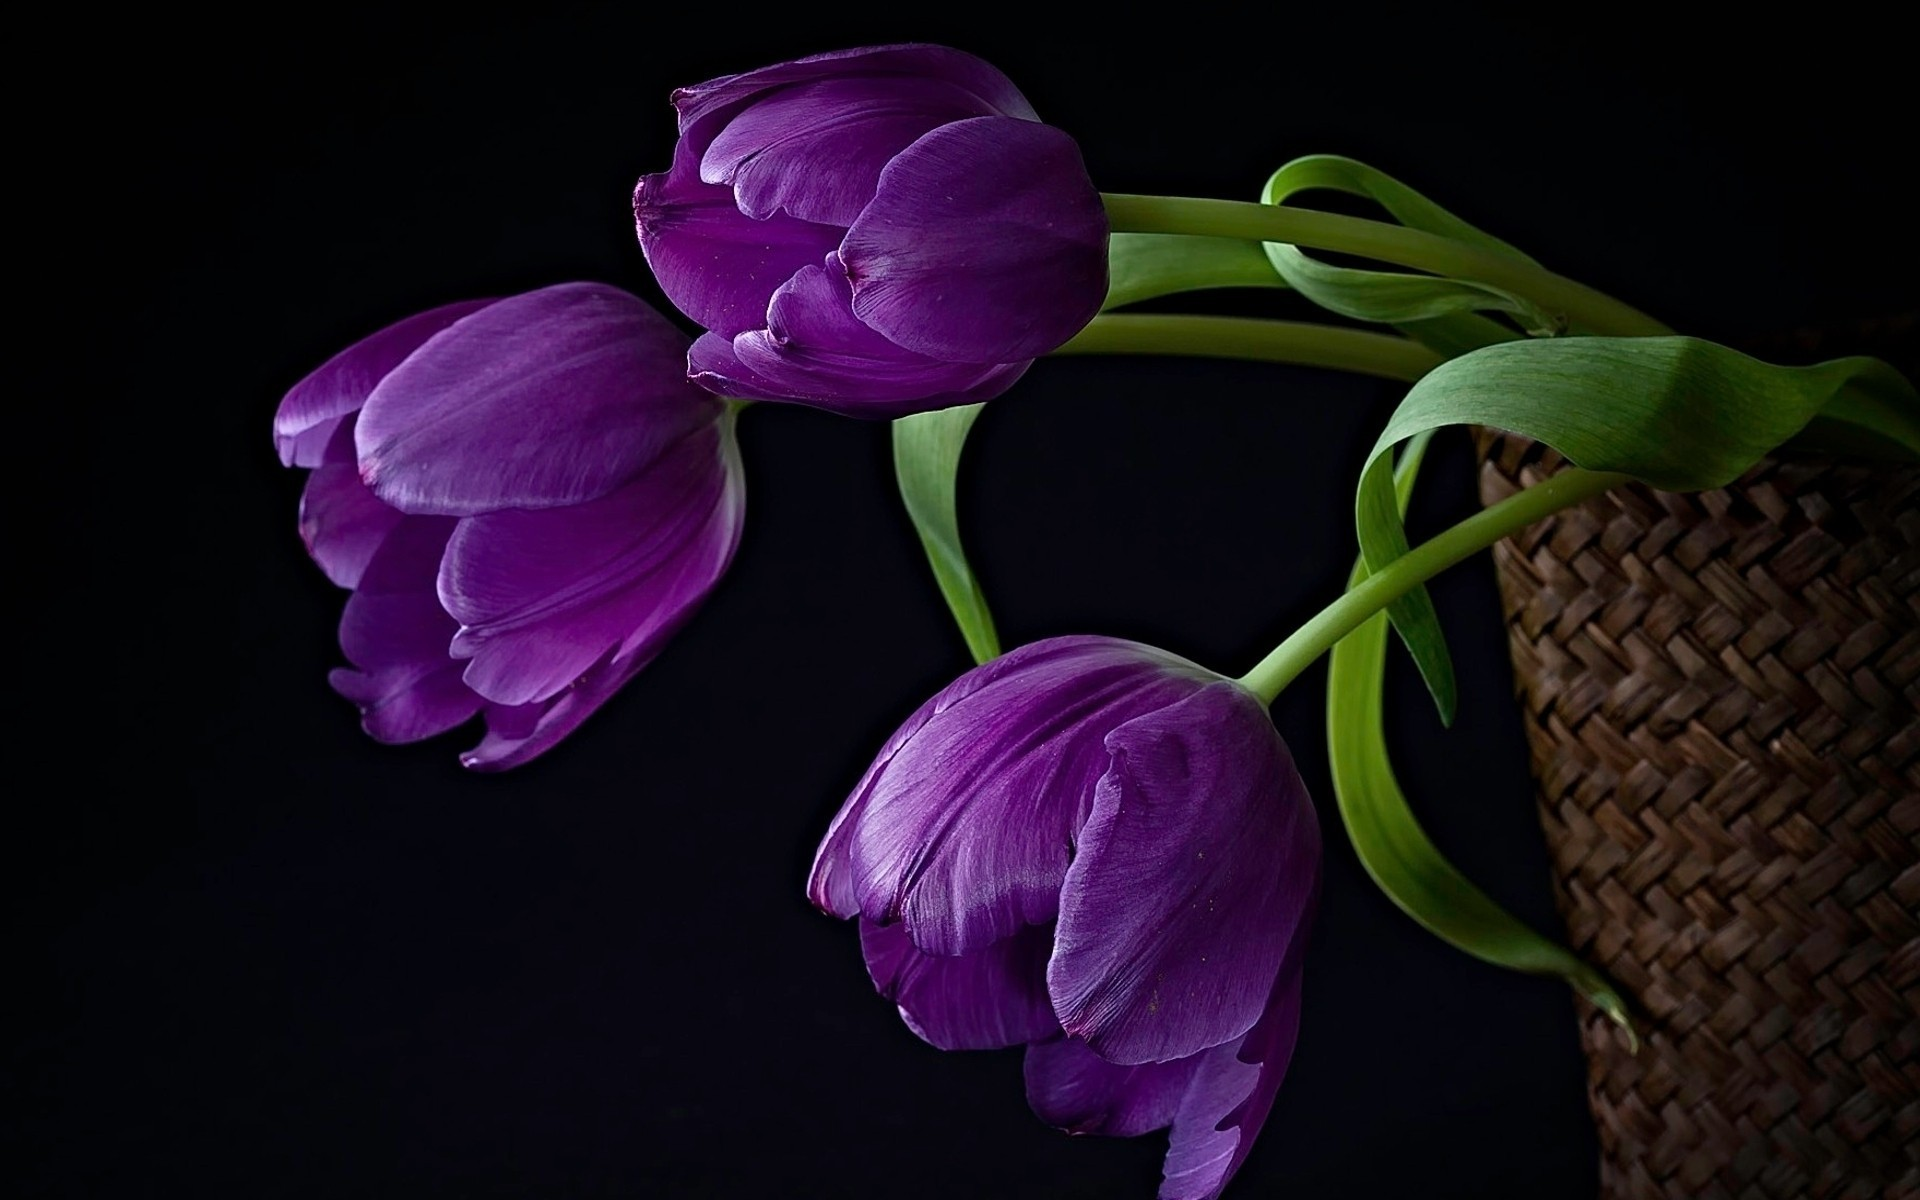 примерила наряд фото тюльпанов на фиолетовом фоне этой